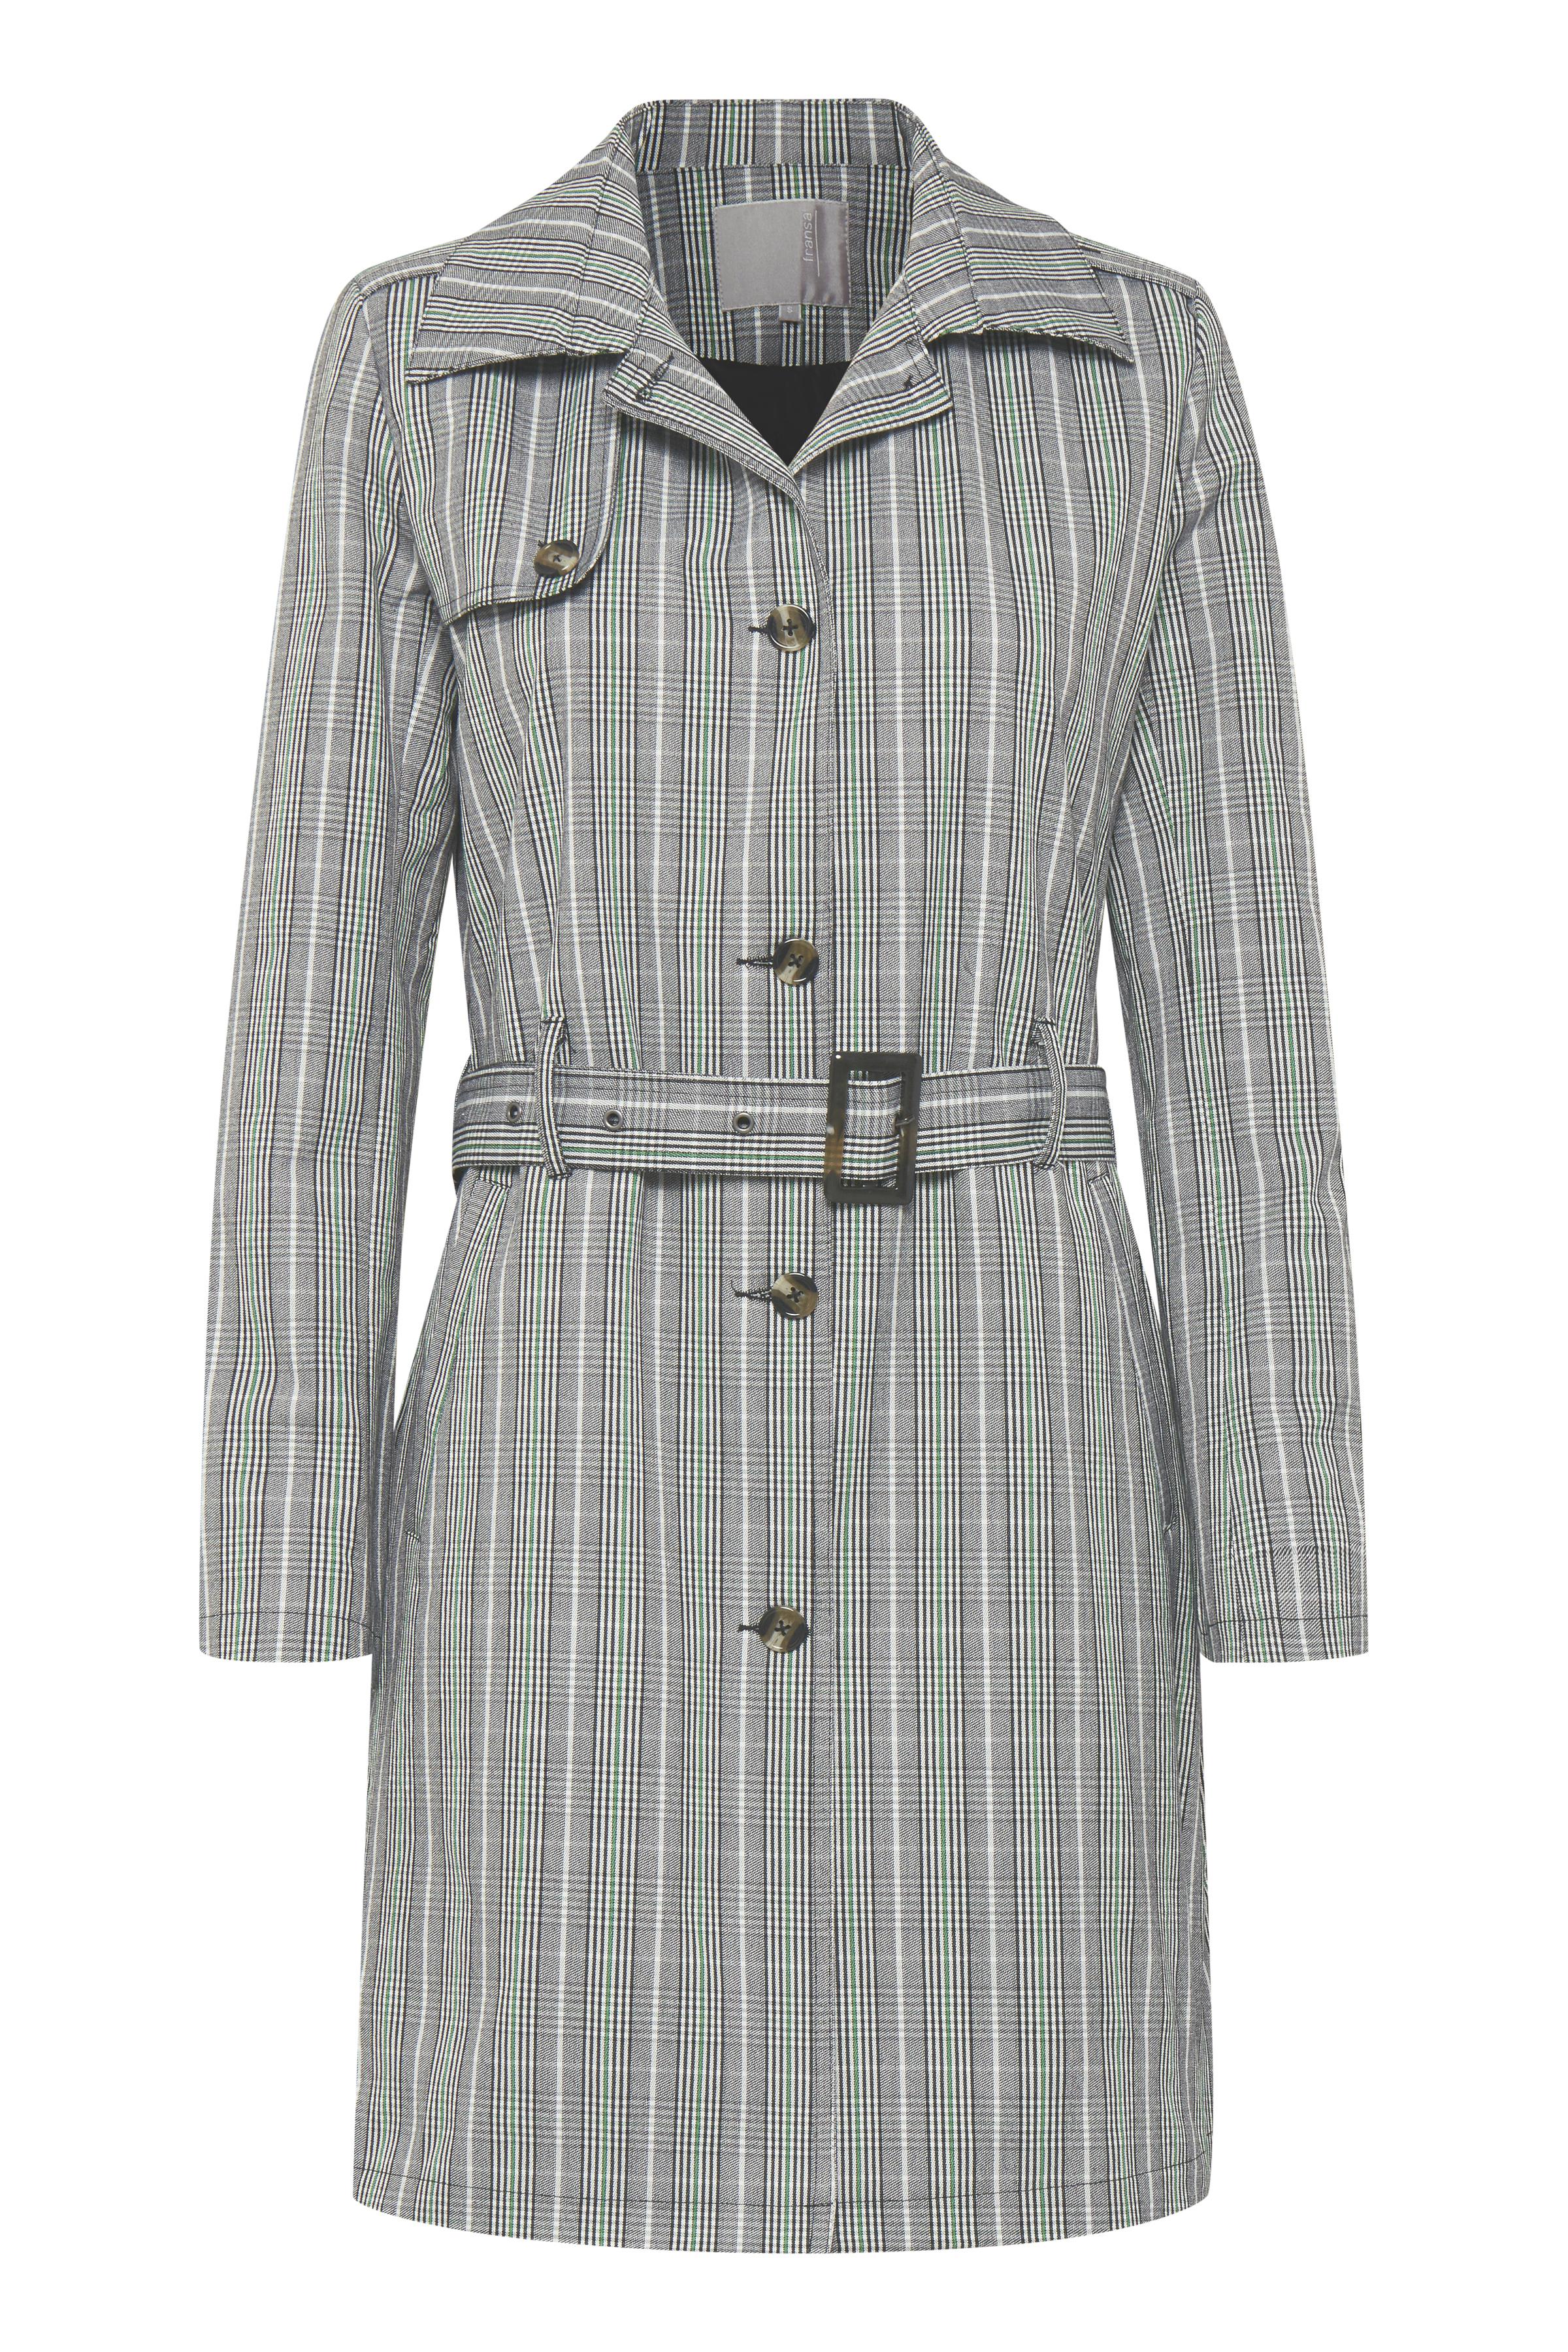 Schwarz/grün Mantel von Fransa – Shoppen Sie Schwarz/grün Mantel ab Gr. XS-XXL hier